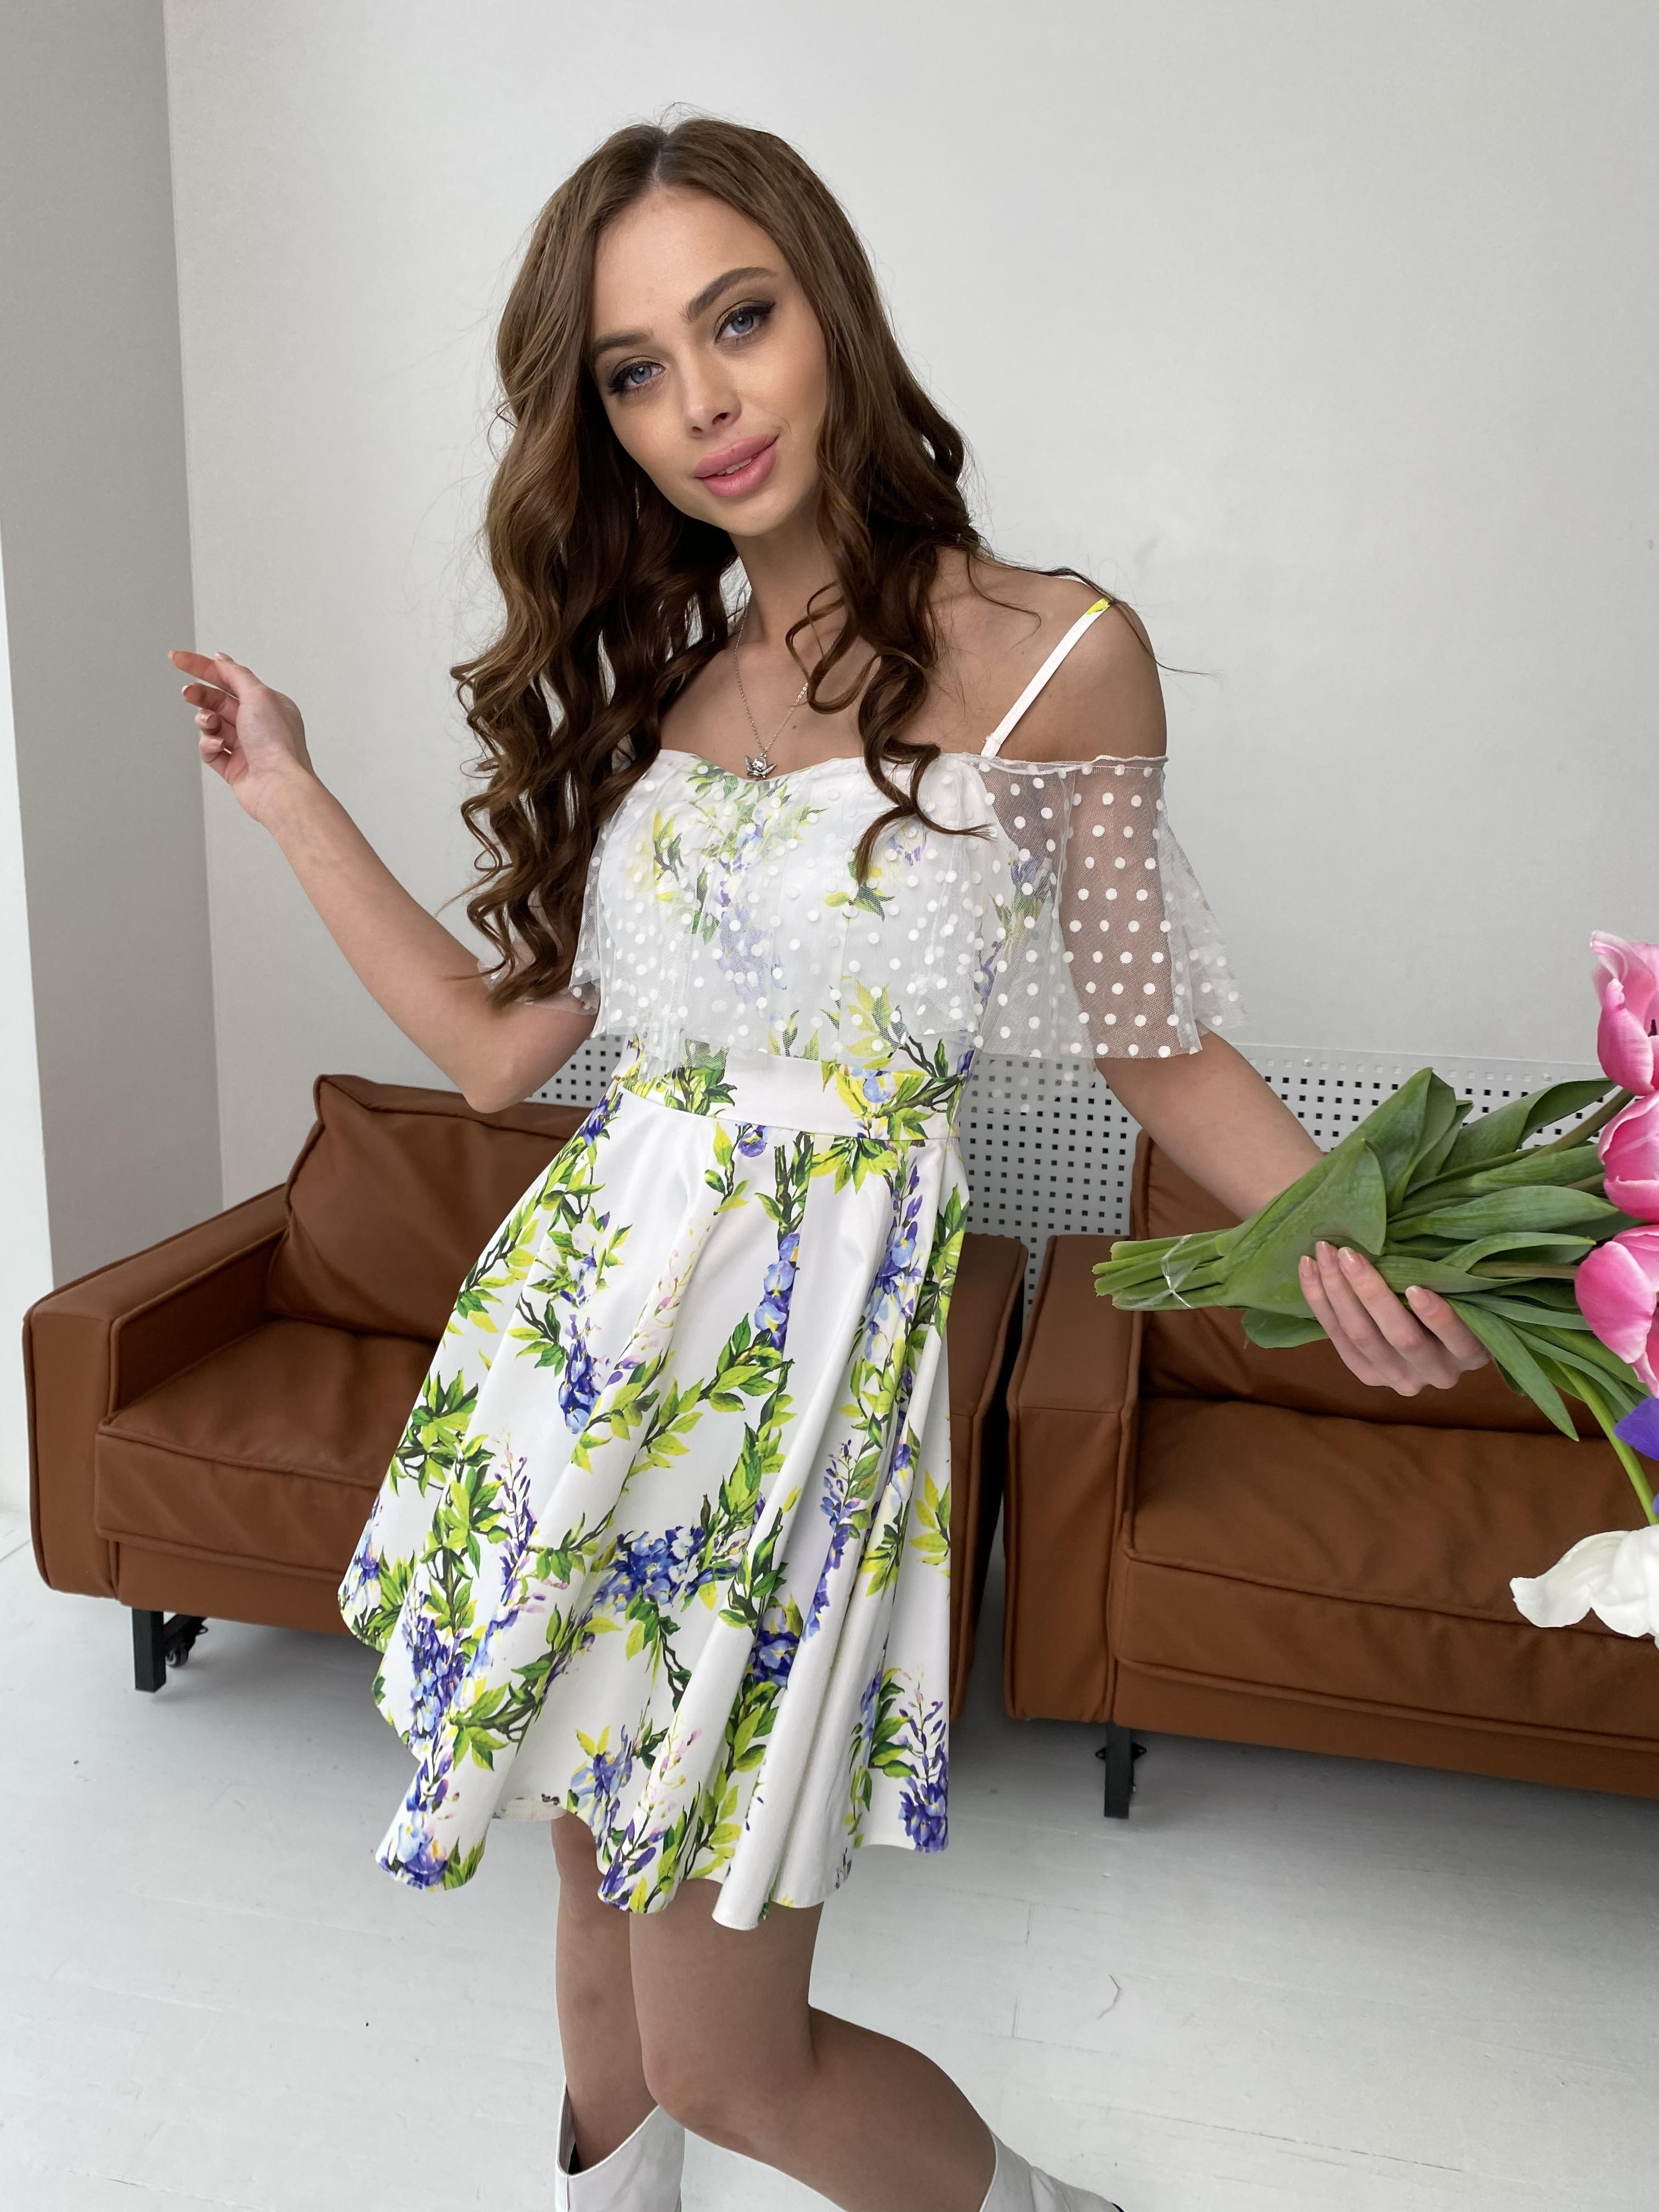 Тори платье из коттона с принтом 7189 АРТ. 43095 Цвет: Цветы фиолет/молоко - фото 3, интернет магазин tm-modus.ru